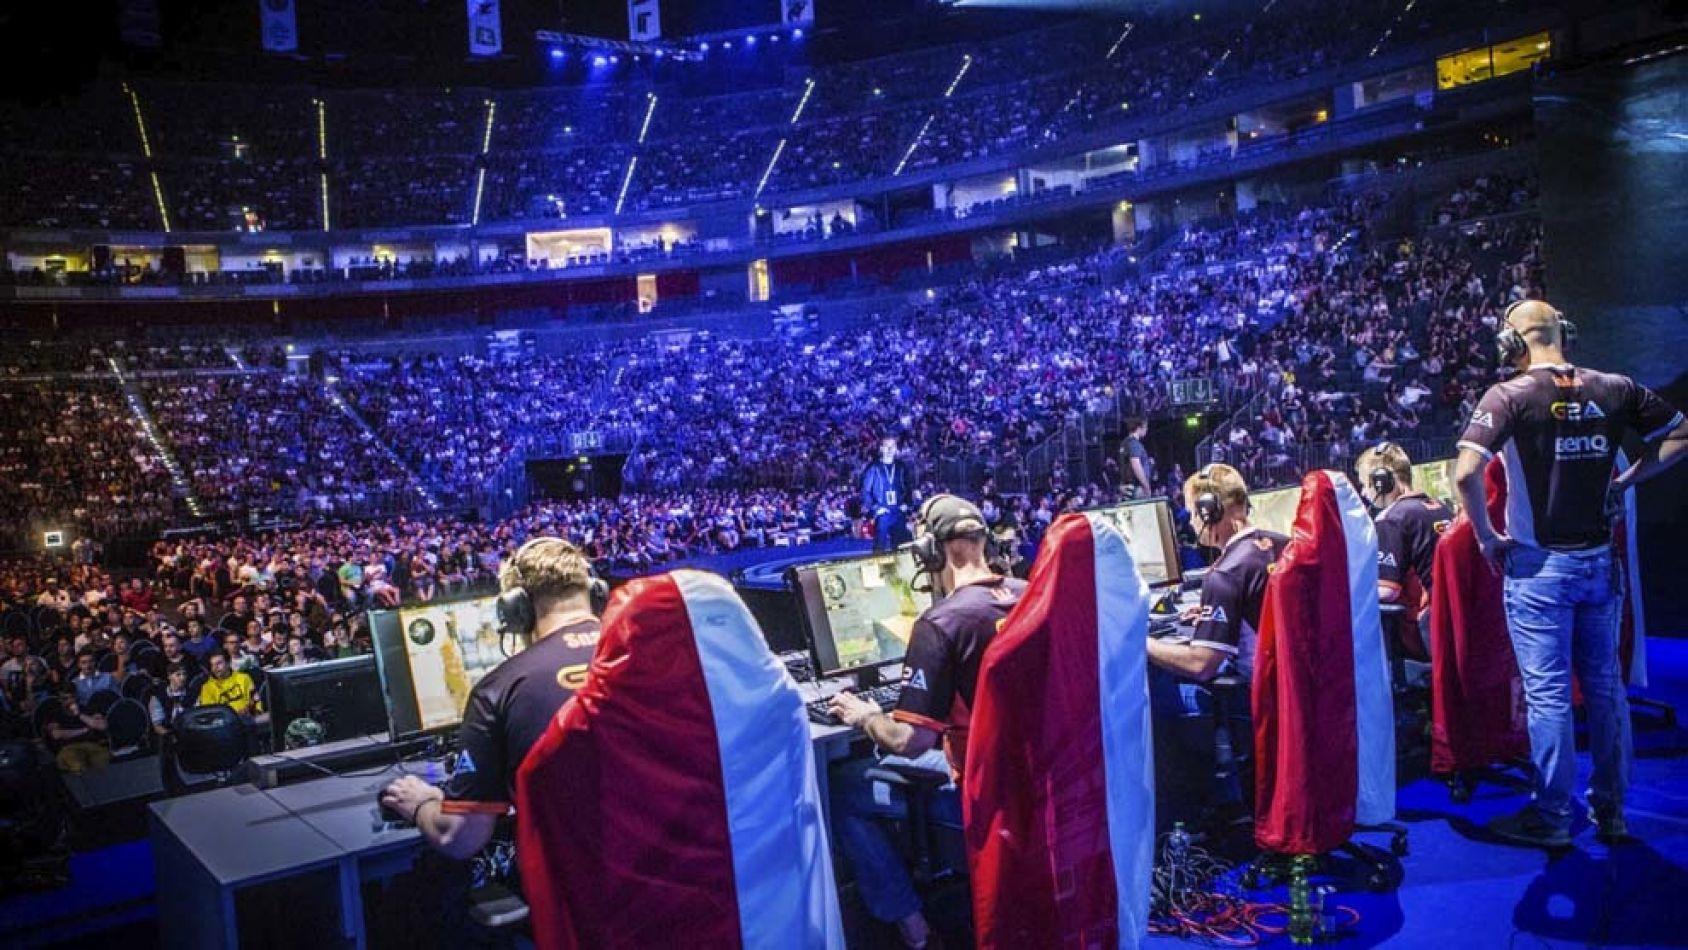 El prometedor futuro de los eSports